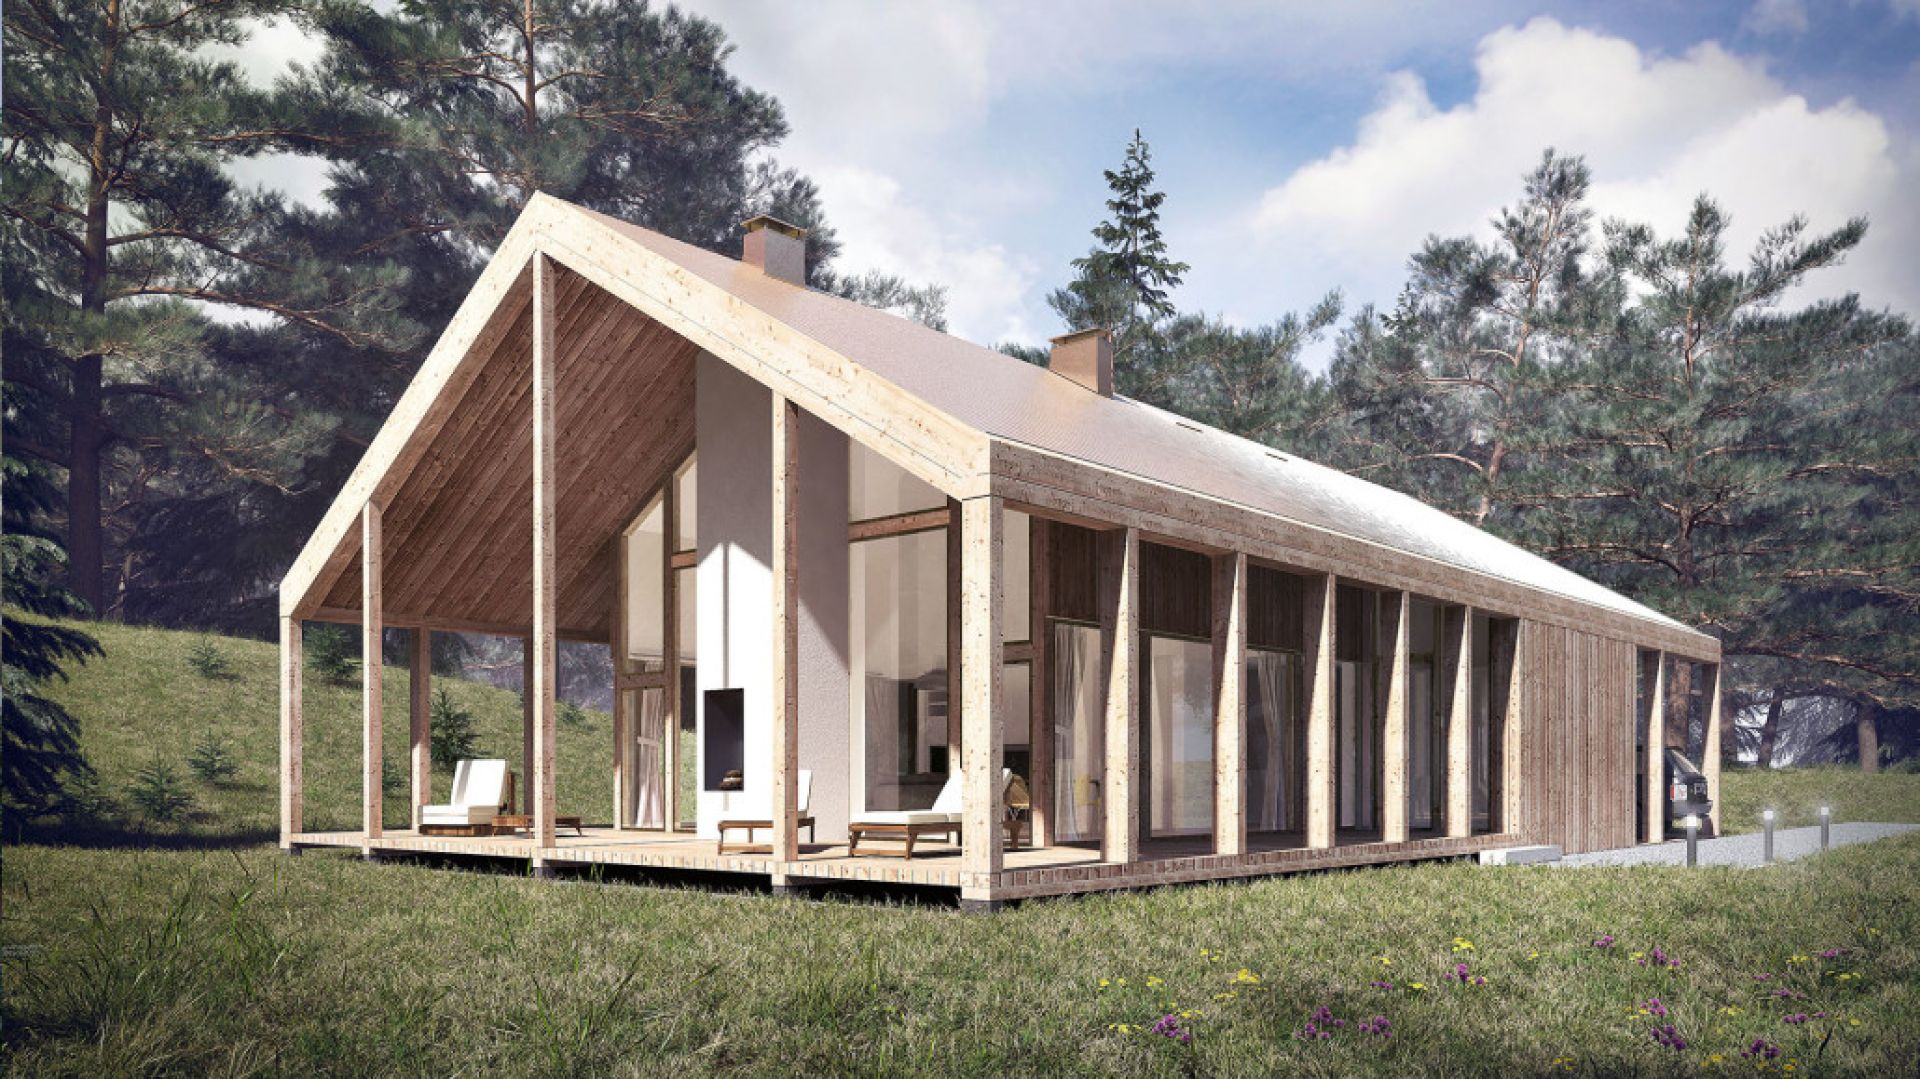 Dom z werandą - nowoczesny projekt domu z pięknym drewnianym zadaszeniem. Projekt: Domy z Głową, Pracownia Architektury Głowacki